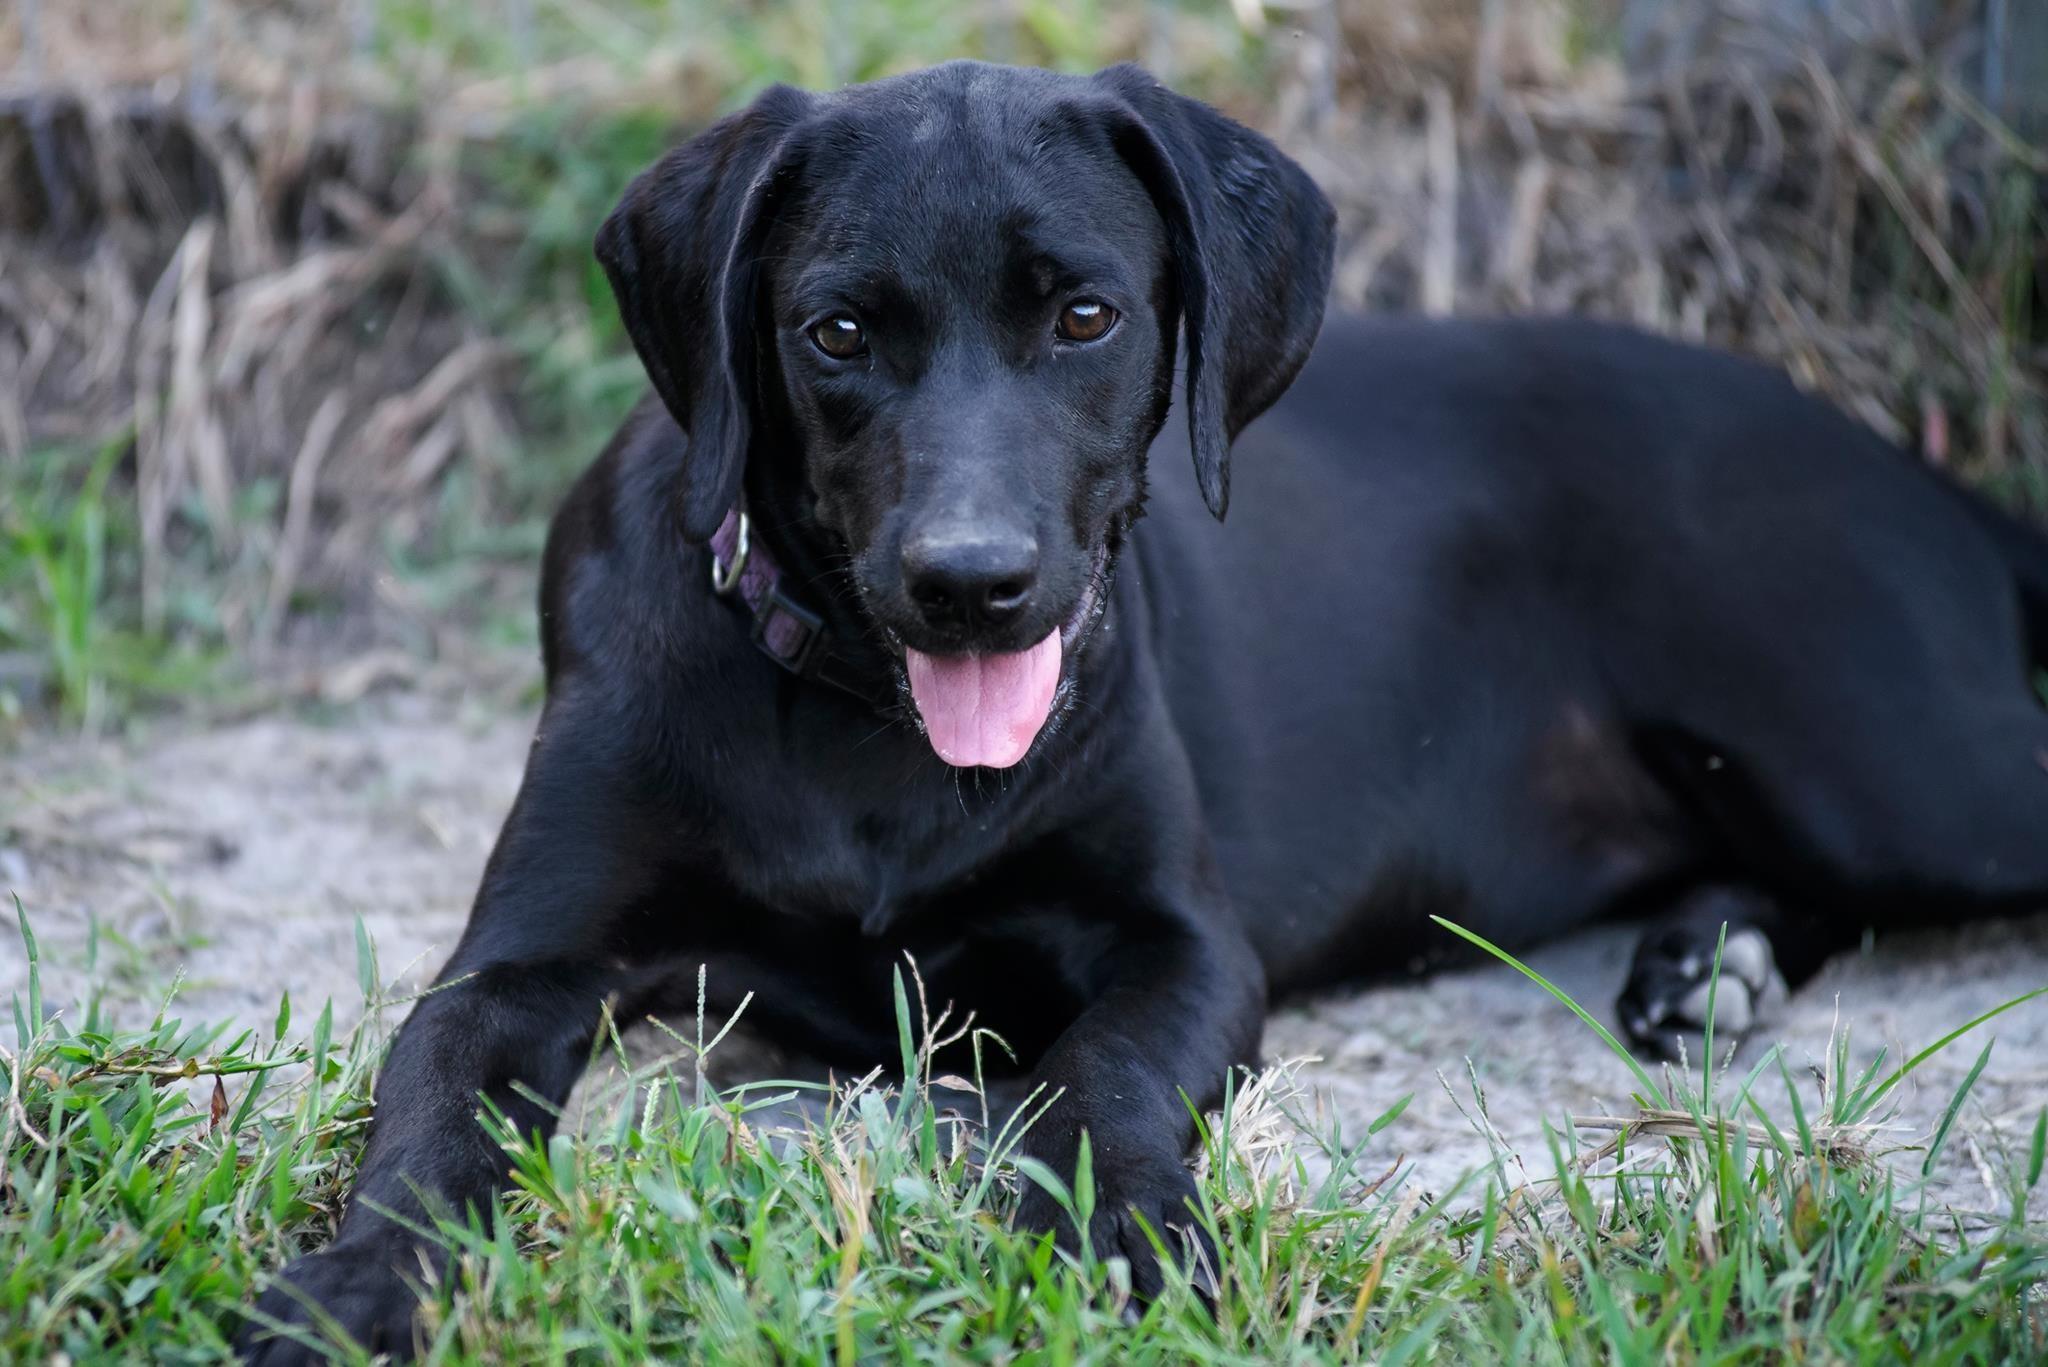 Mơ thấy chó đen có thể là điềm lành, cũng có thể là điềm dữ